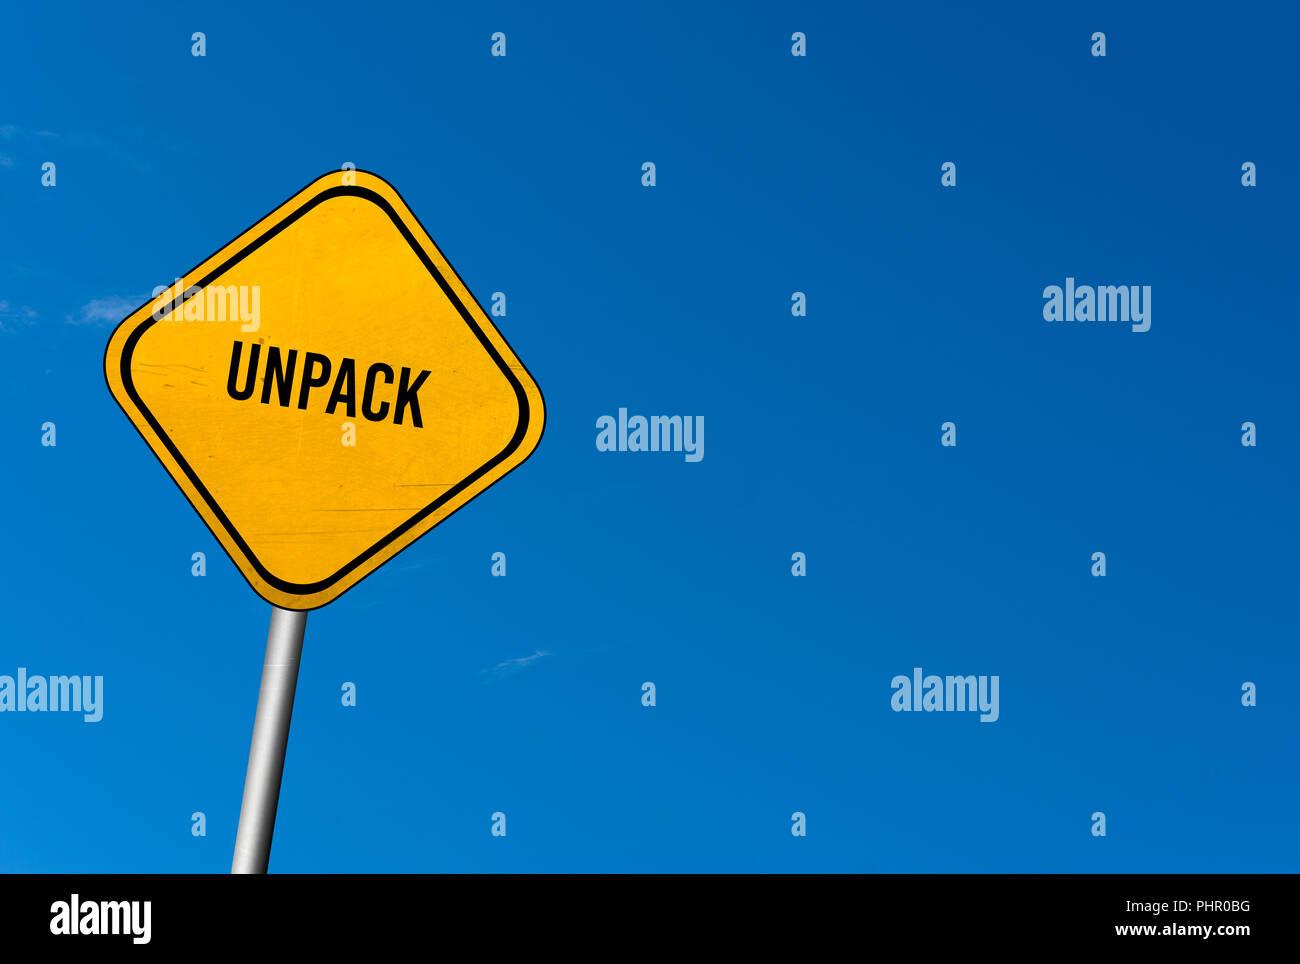 Unpack - panneau jaune avec ciel bleu Photo Stock